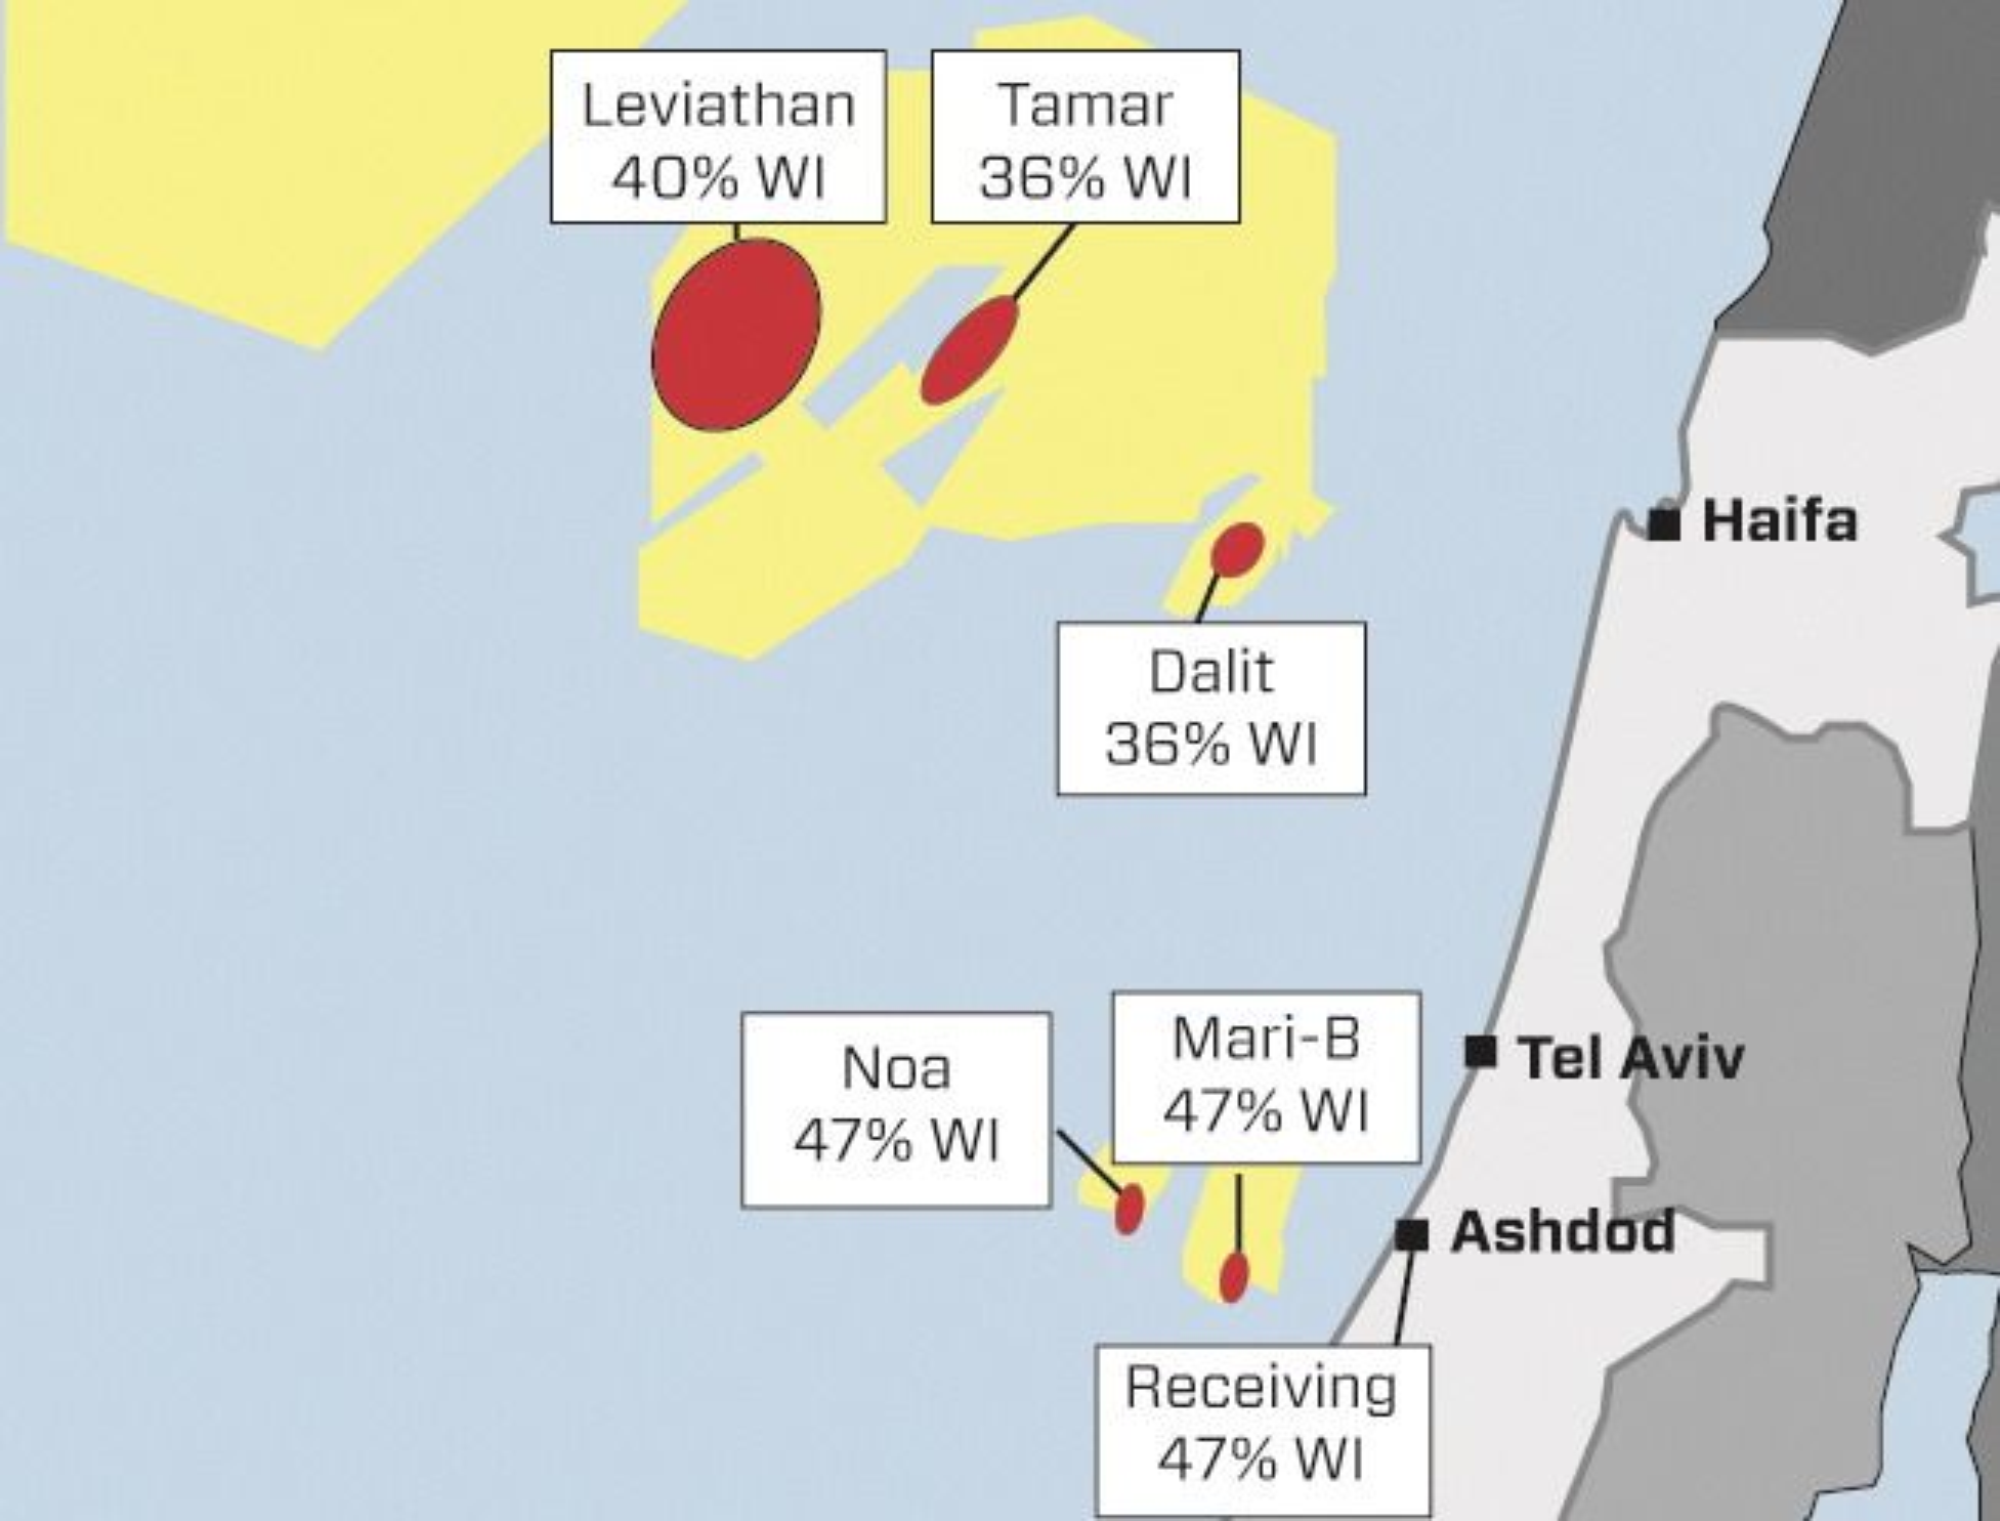 GIGANTFUNN: Leviathan og Tamar er de to største oljefunnene utenfor Israel. Nå har norske AGR funnet gass i Aphrodite 2-prospektet.